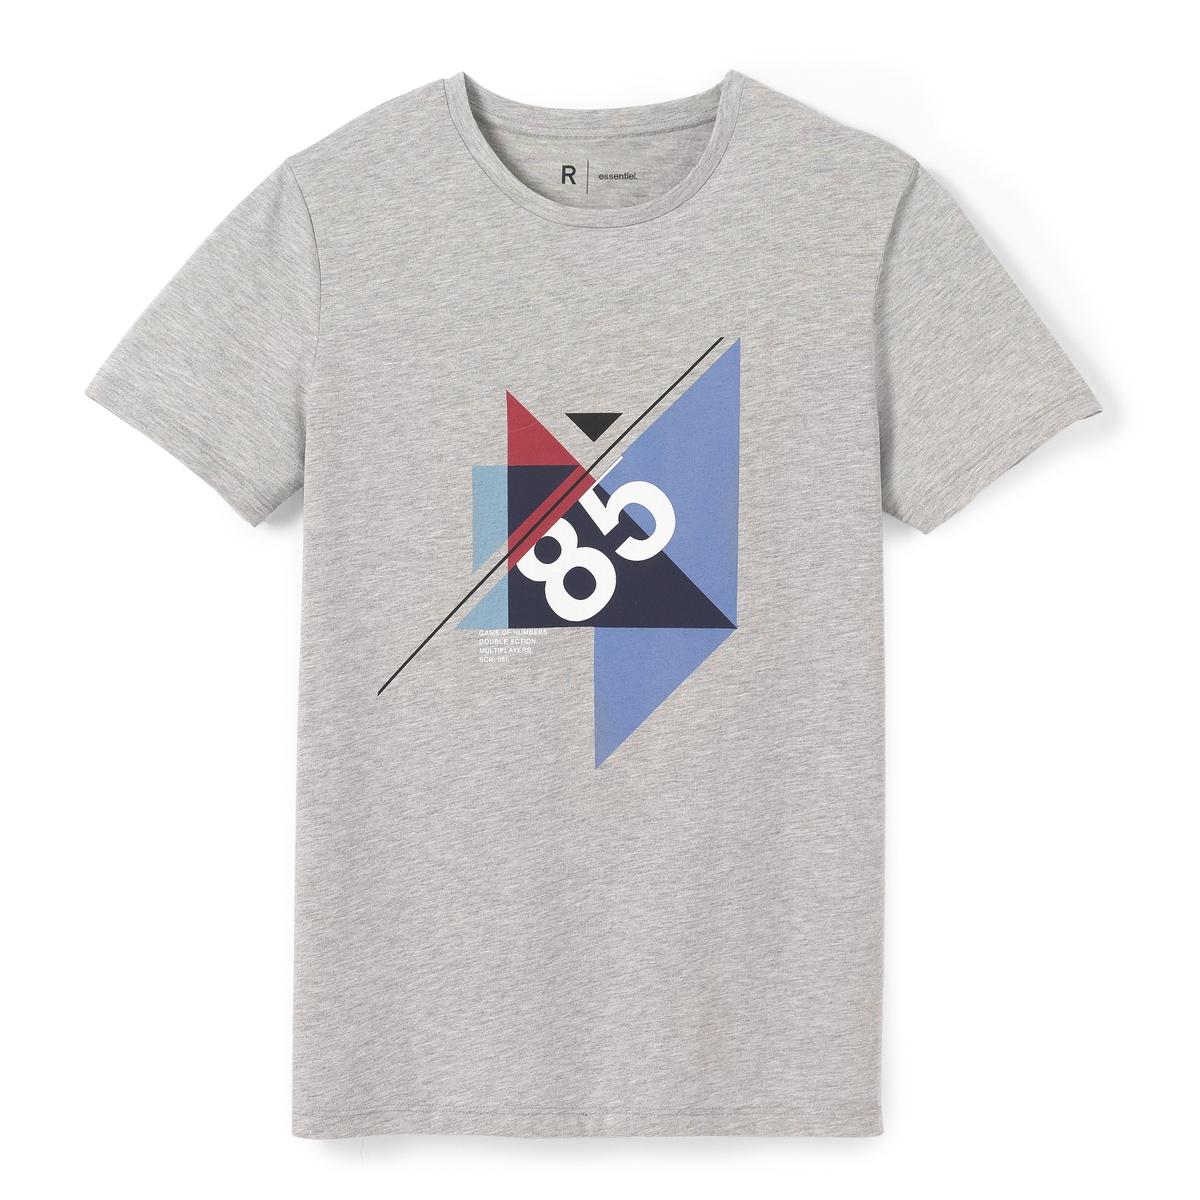 Футболка с круглым вырезом и графическим принтом ostin футболка с новогодним принтом